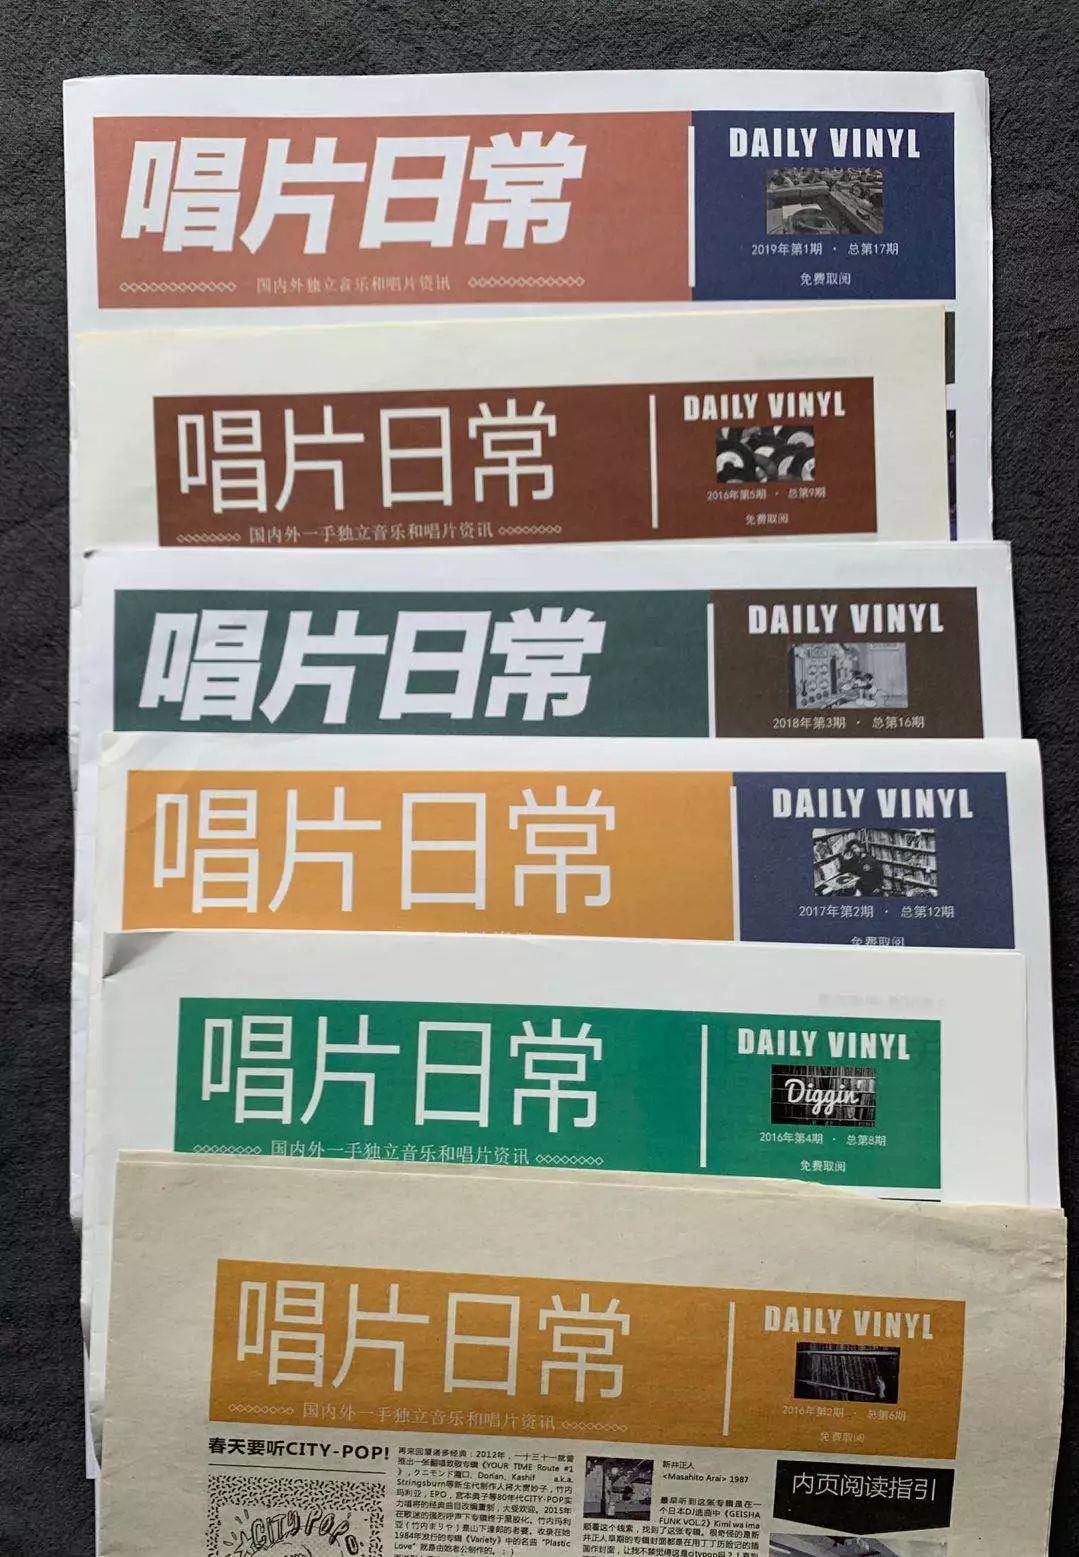 其中一本《小黄书——2018天津趣味生活指南》,收录有天津文艺,美食图片